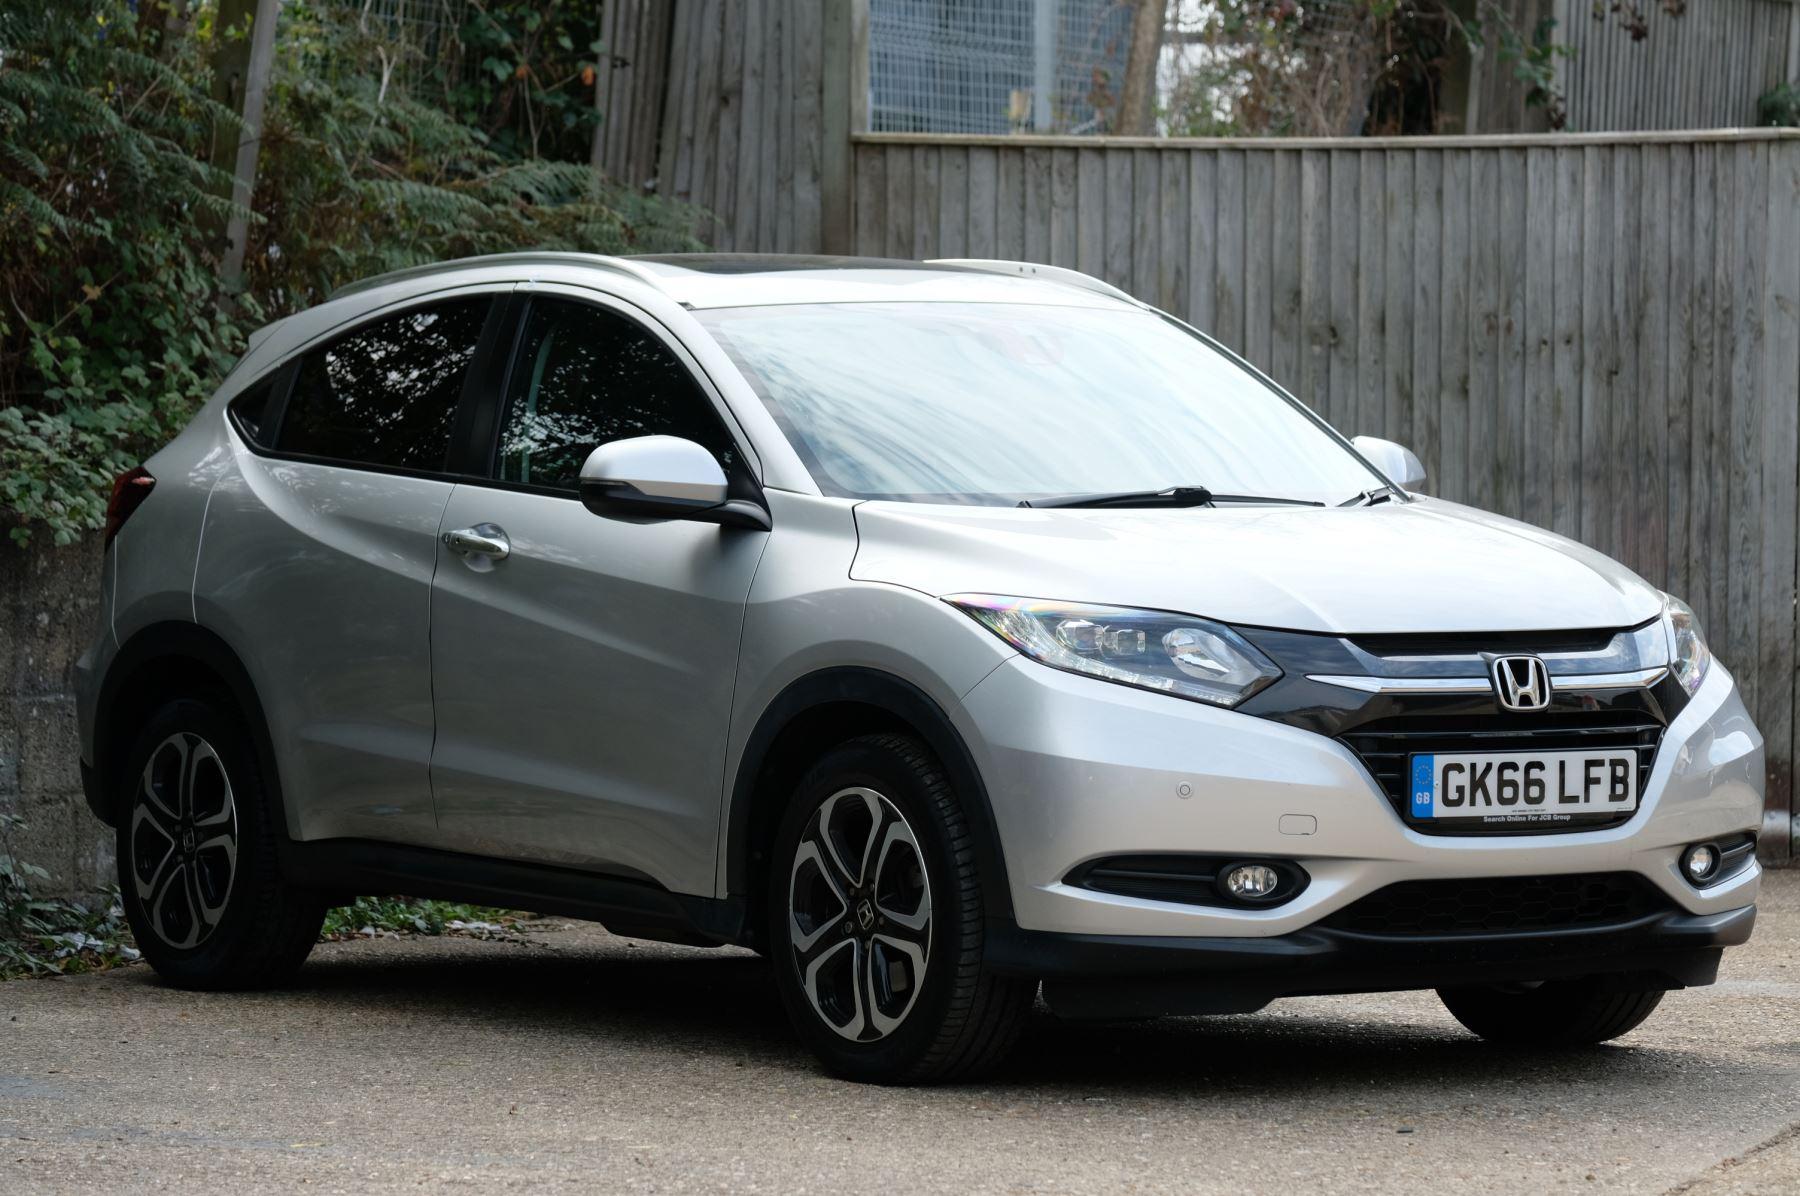 Honda HR-V 1.5 i-VTEC EX CVT 5dr Automatic Hatchback (2016)